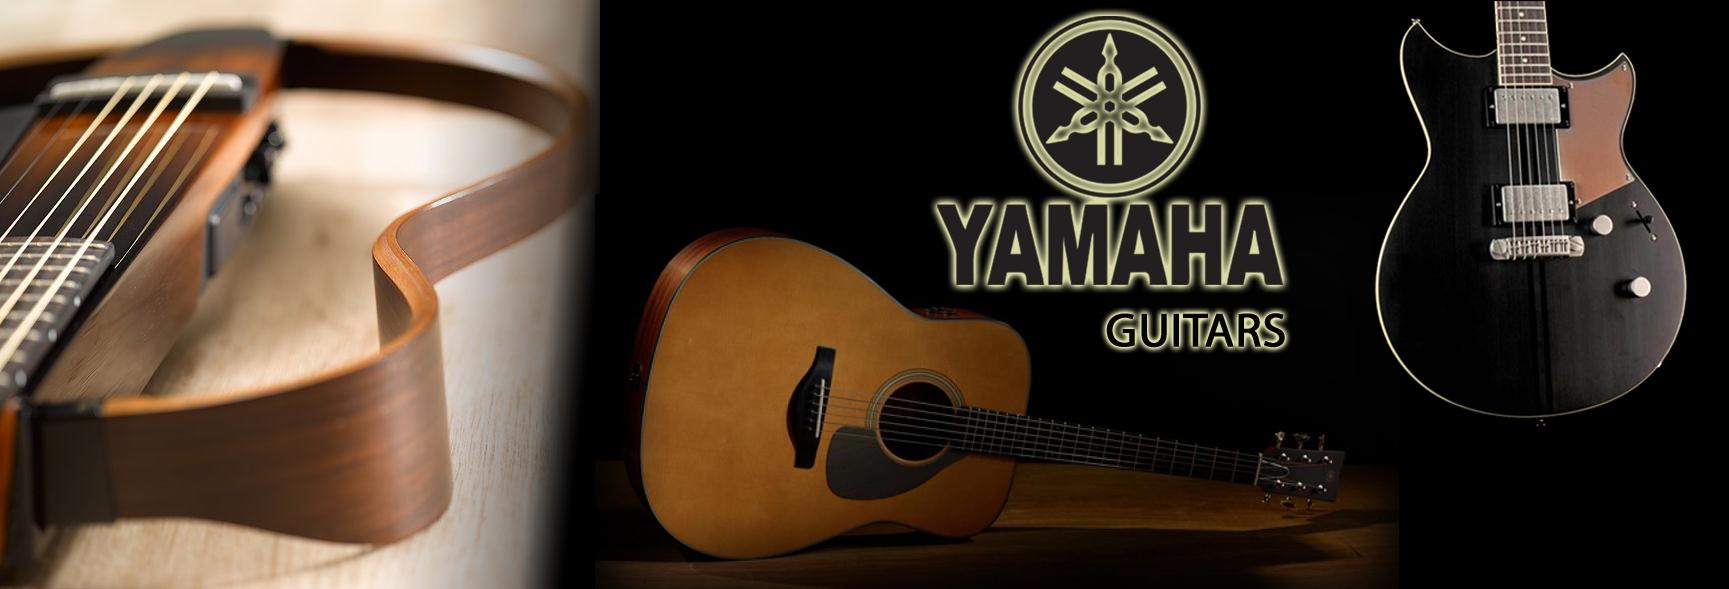 Clicca per vedere tutti i modelli e disponibilità delle chitarre YAMAHA